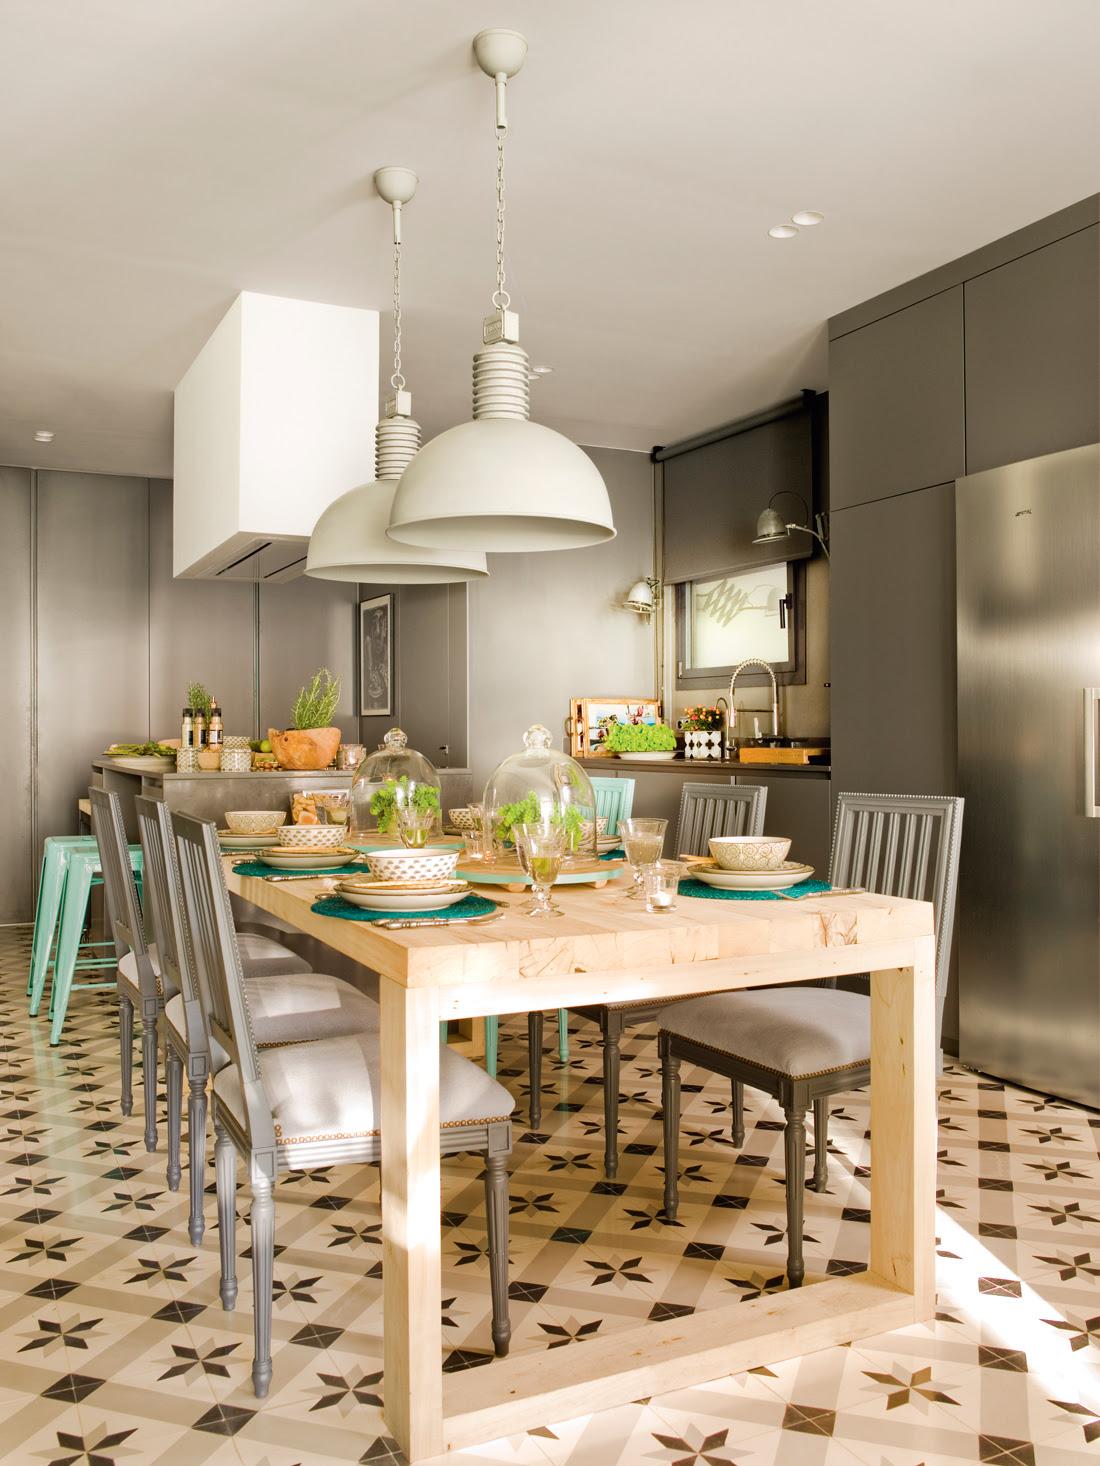 00397858. Cocina y office en gris, con mosaico hidráulico. Mesa de madera, lámparas industriales y muebles grises 00397858